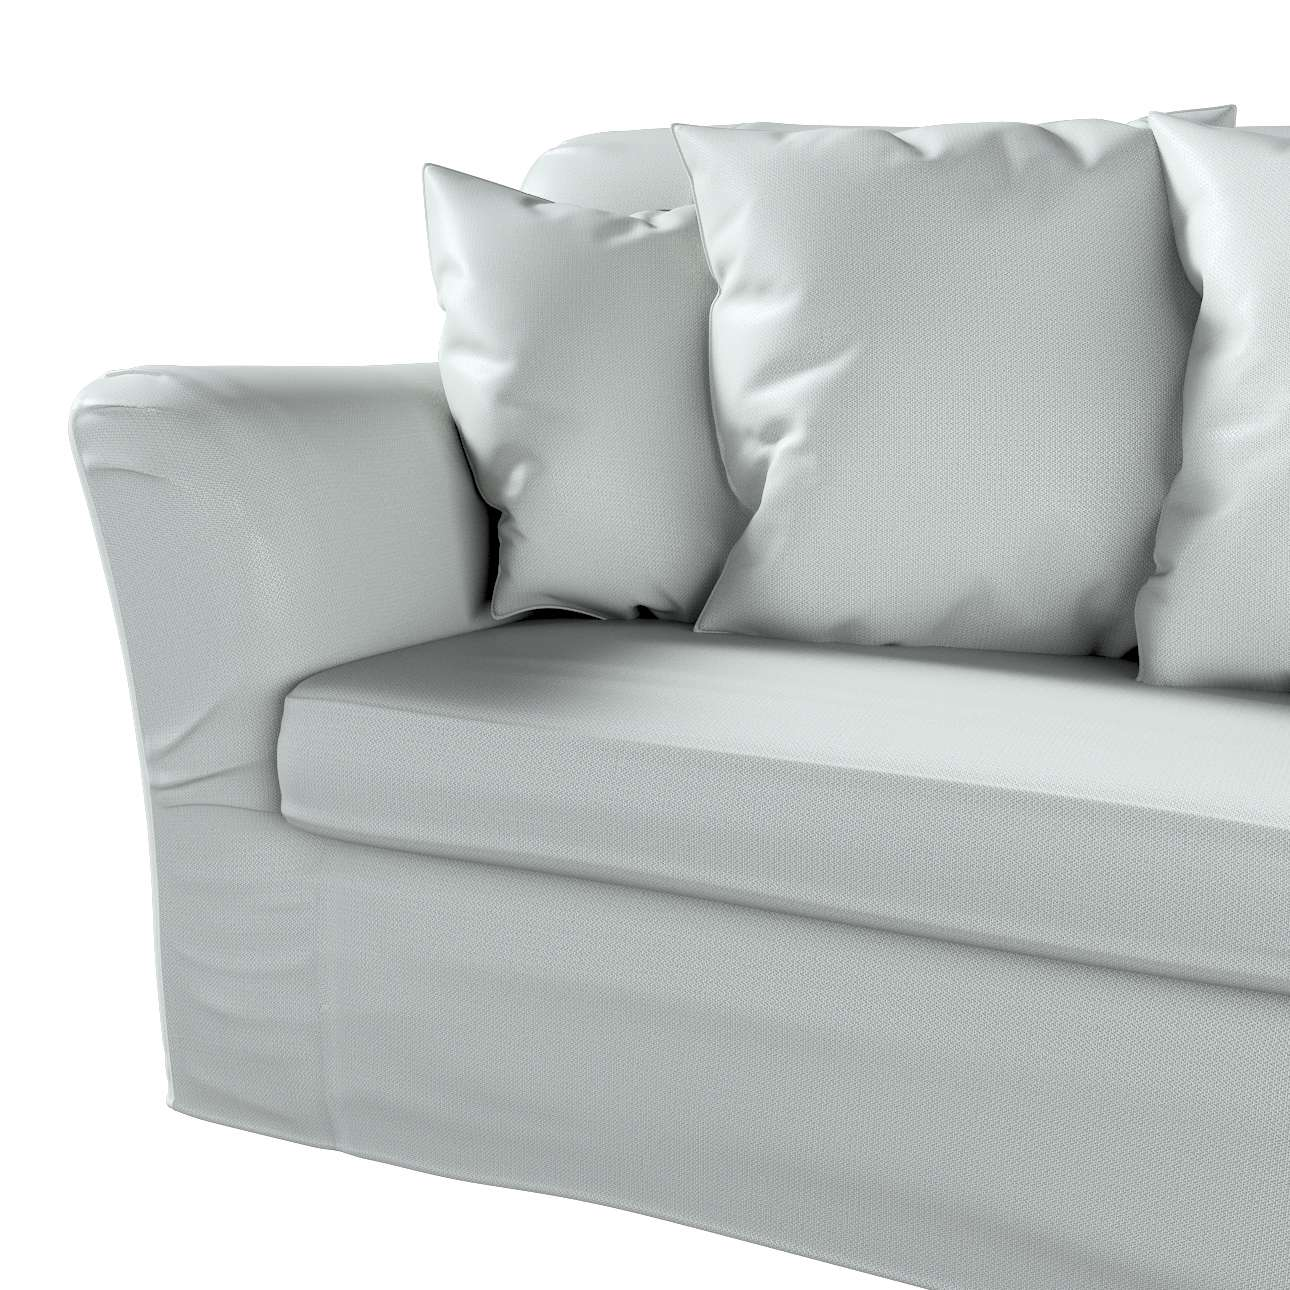 Pokrowiec na sofę Tomelilla 3-osobową rozkładaną w kolekcji Bergen, tkanina: 161-72